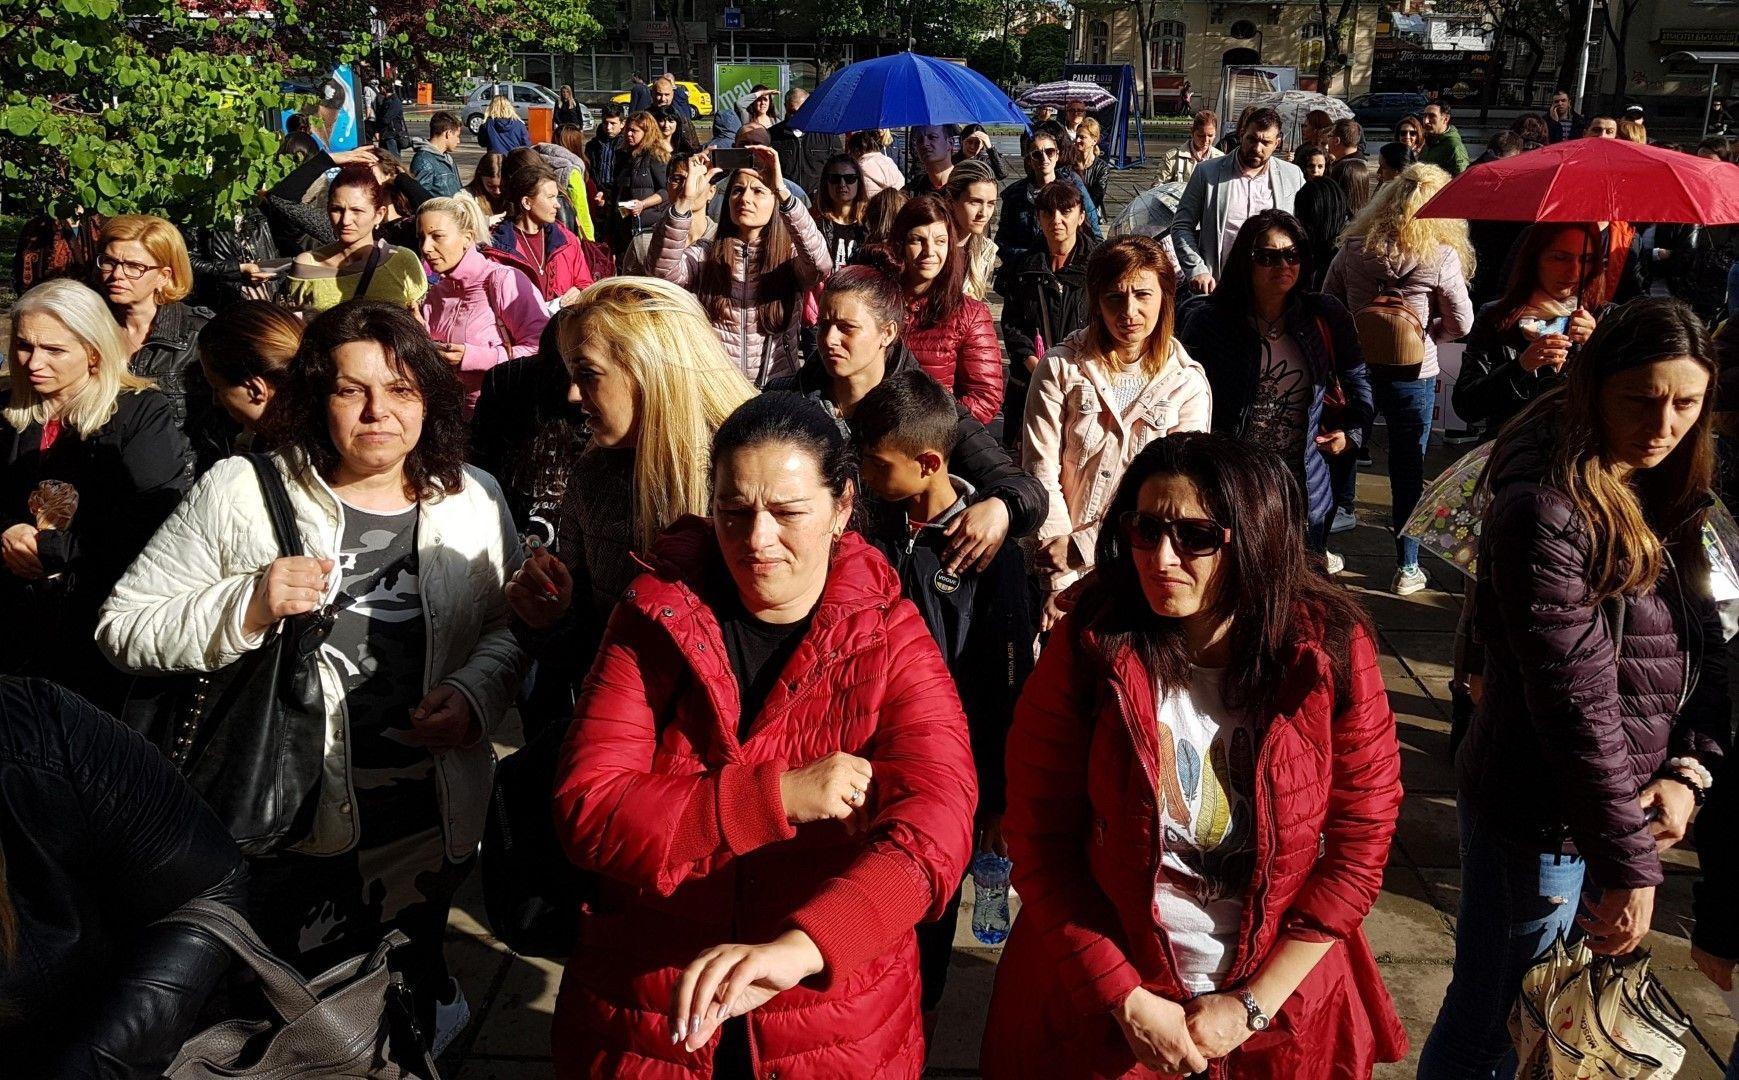 Протестиращите смятат, че стратегията ограничава правата на родителя да възпитава и обучава децата си